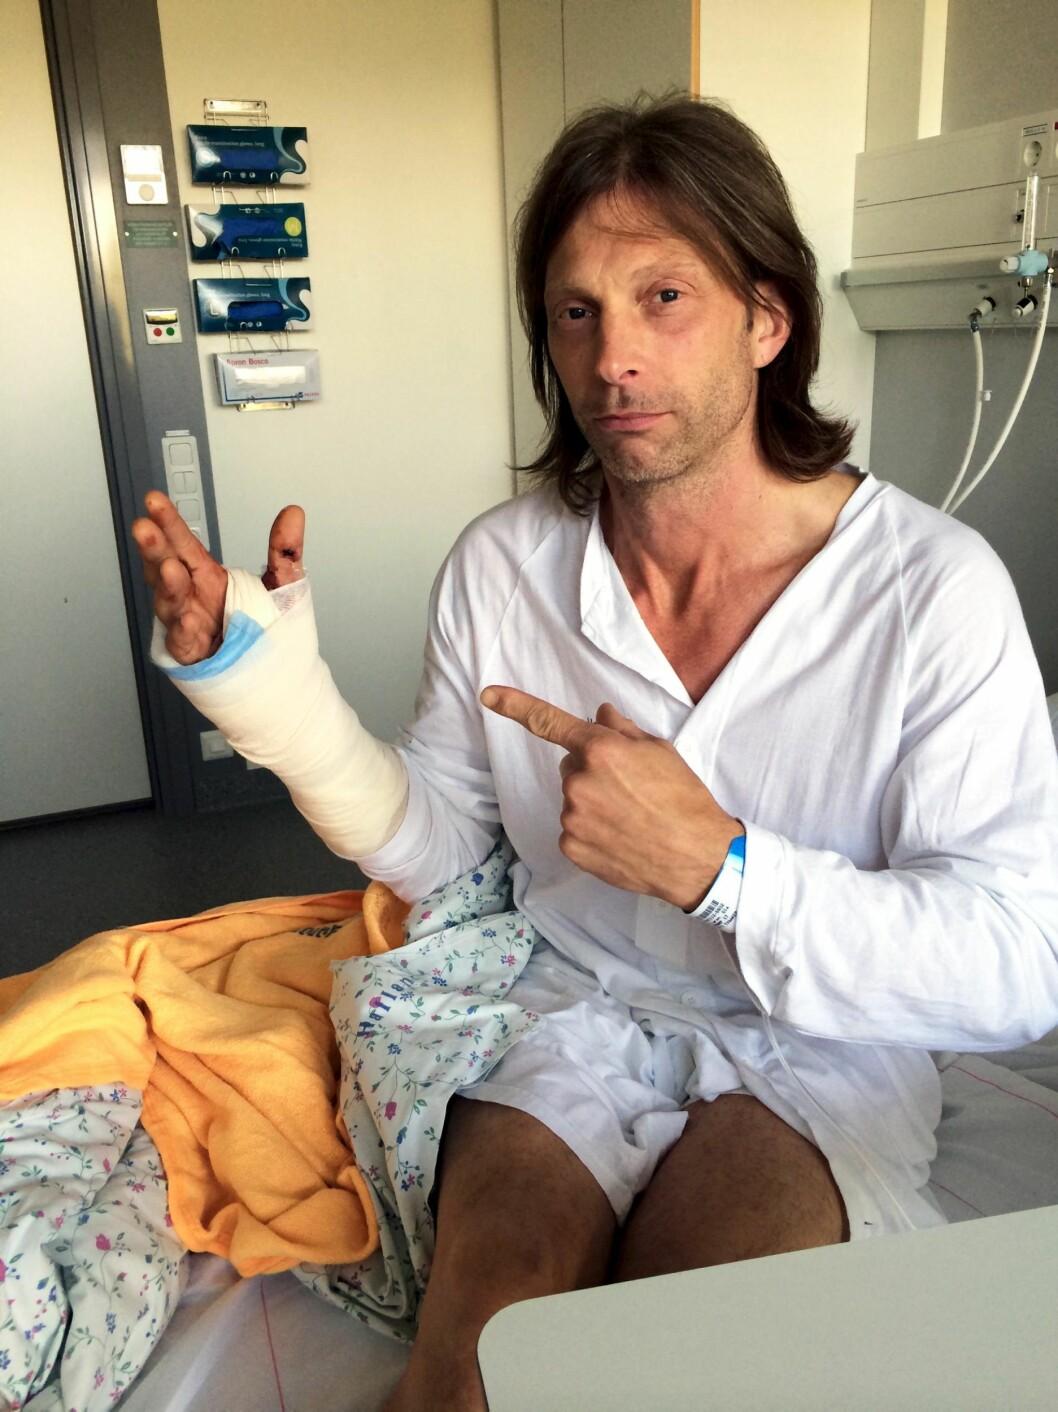 SKAMBITT: I 2014 ble Ola-Conny Wallgren bitt av en hund av rasen Akita og fraktet til Varbergs sykehus utenfor Ullared.